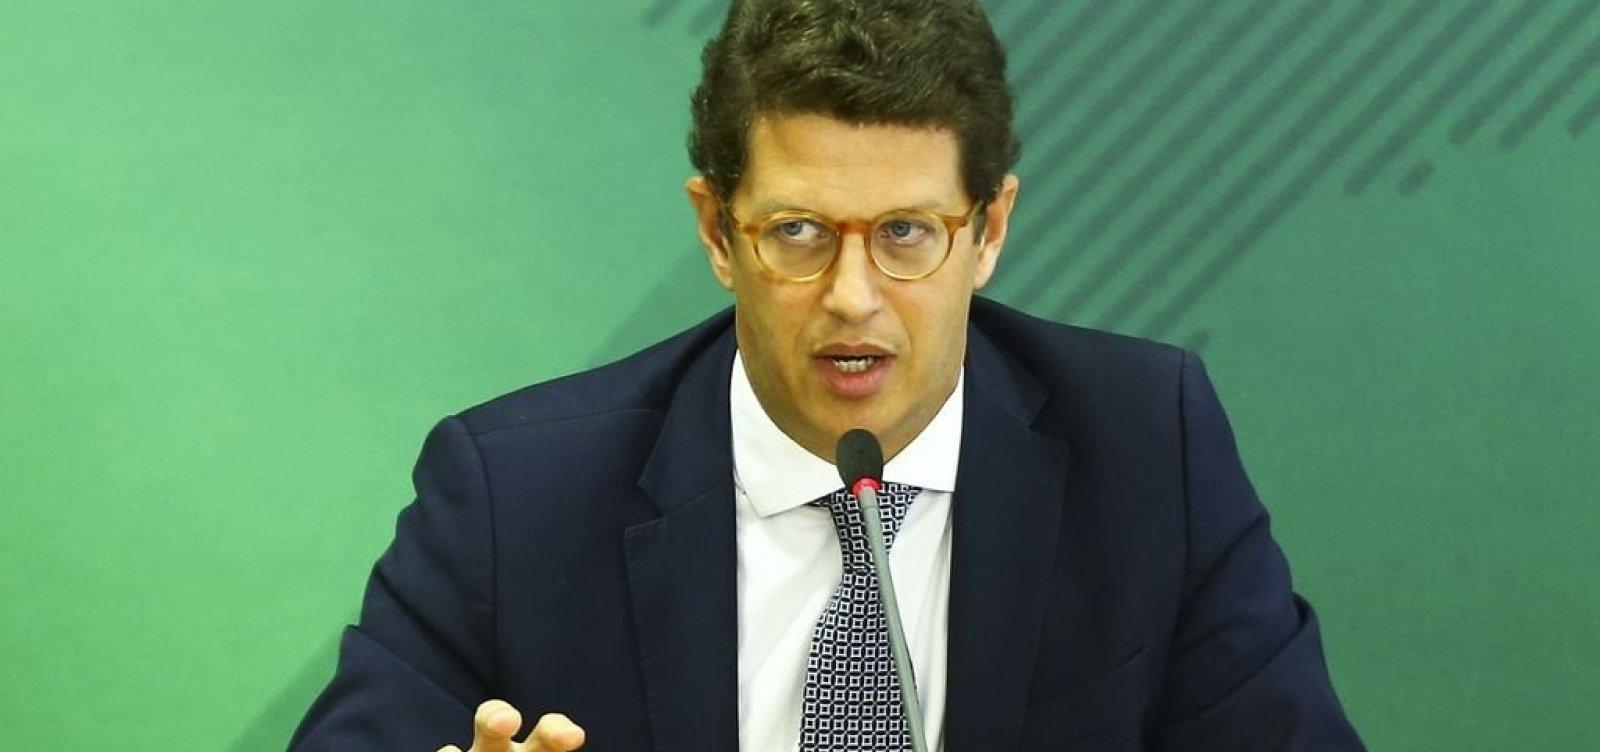 Na mira da Justiça, ministro Ricardo Salles pede demissão